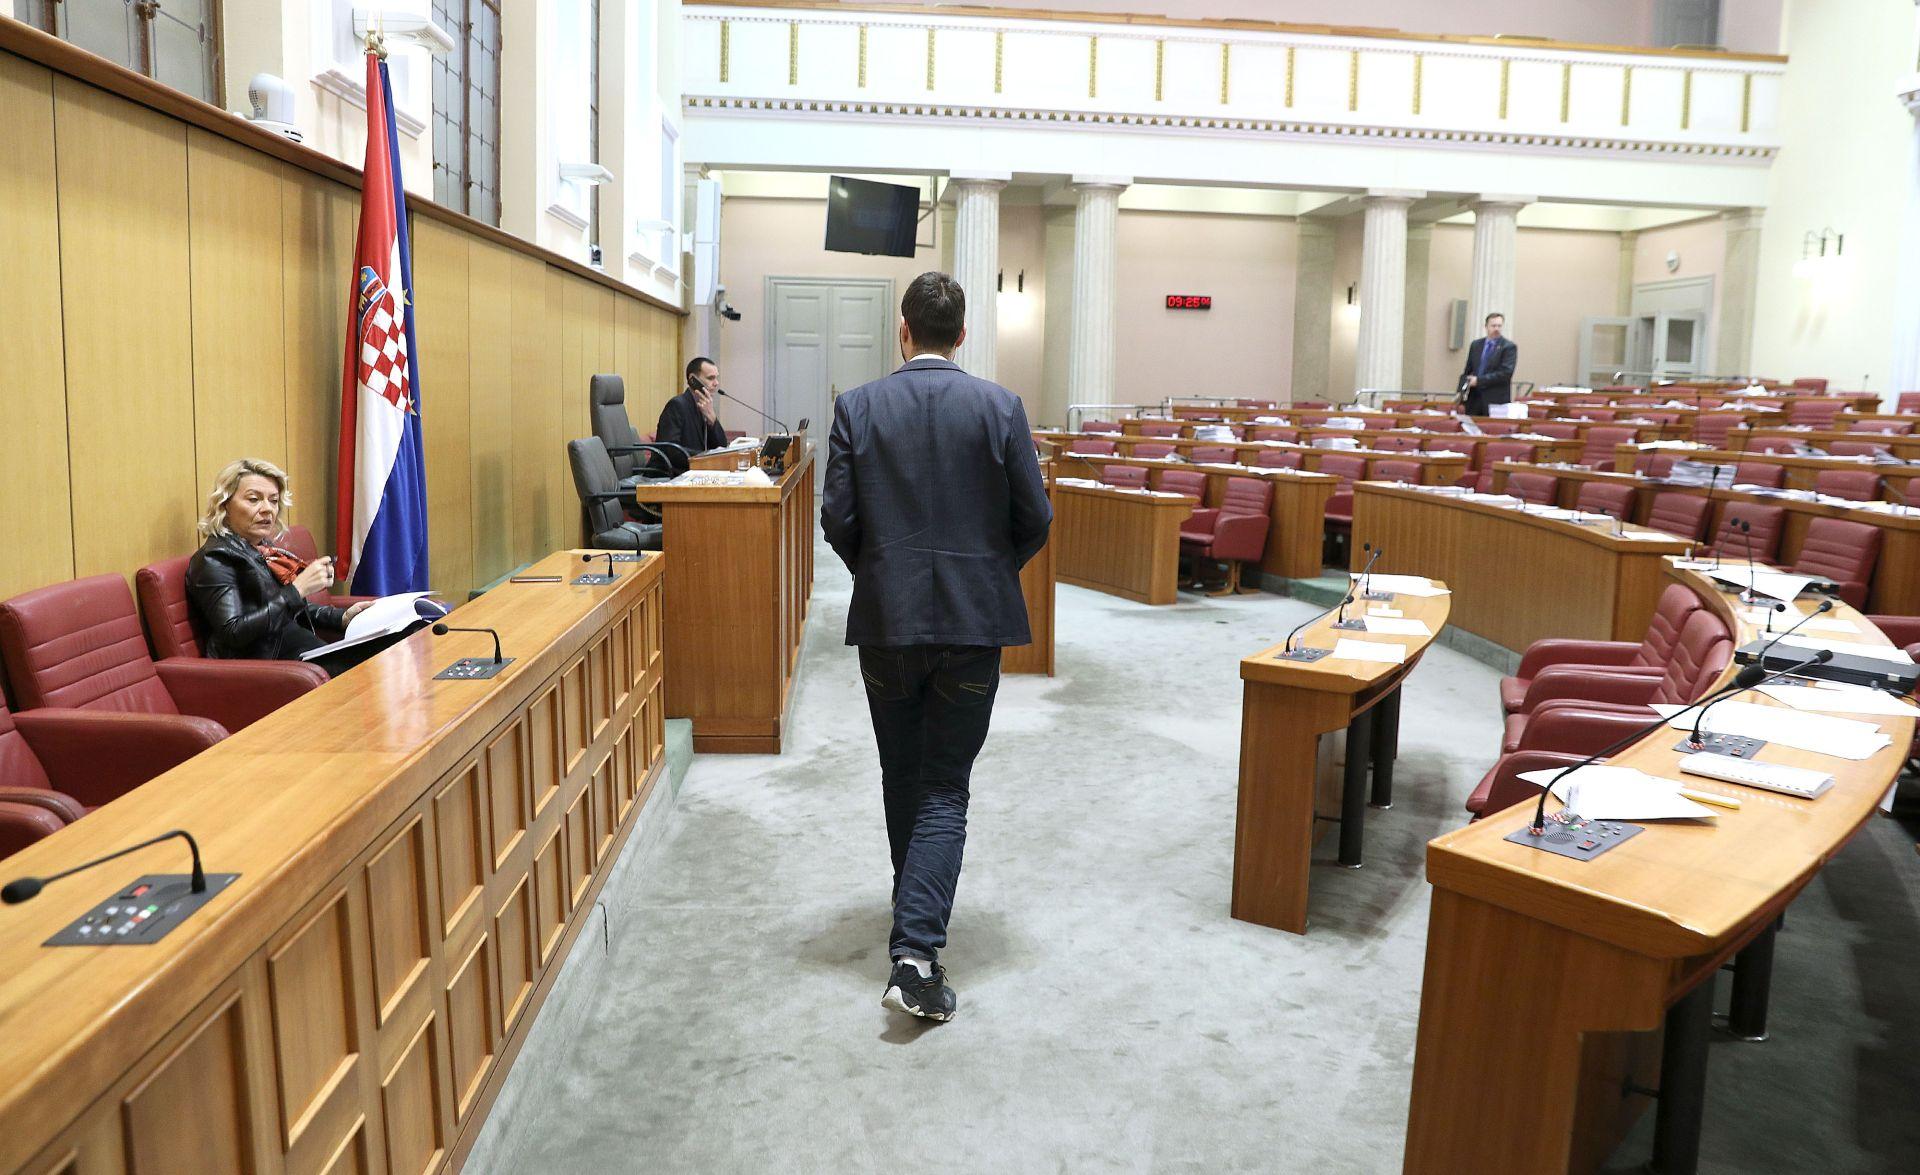 Sabor u četvrtak o izmjenama Zakona o ravnopravnosti spolova